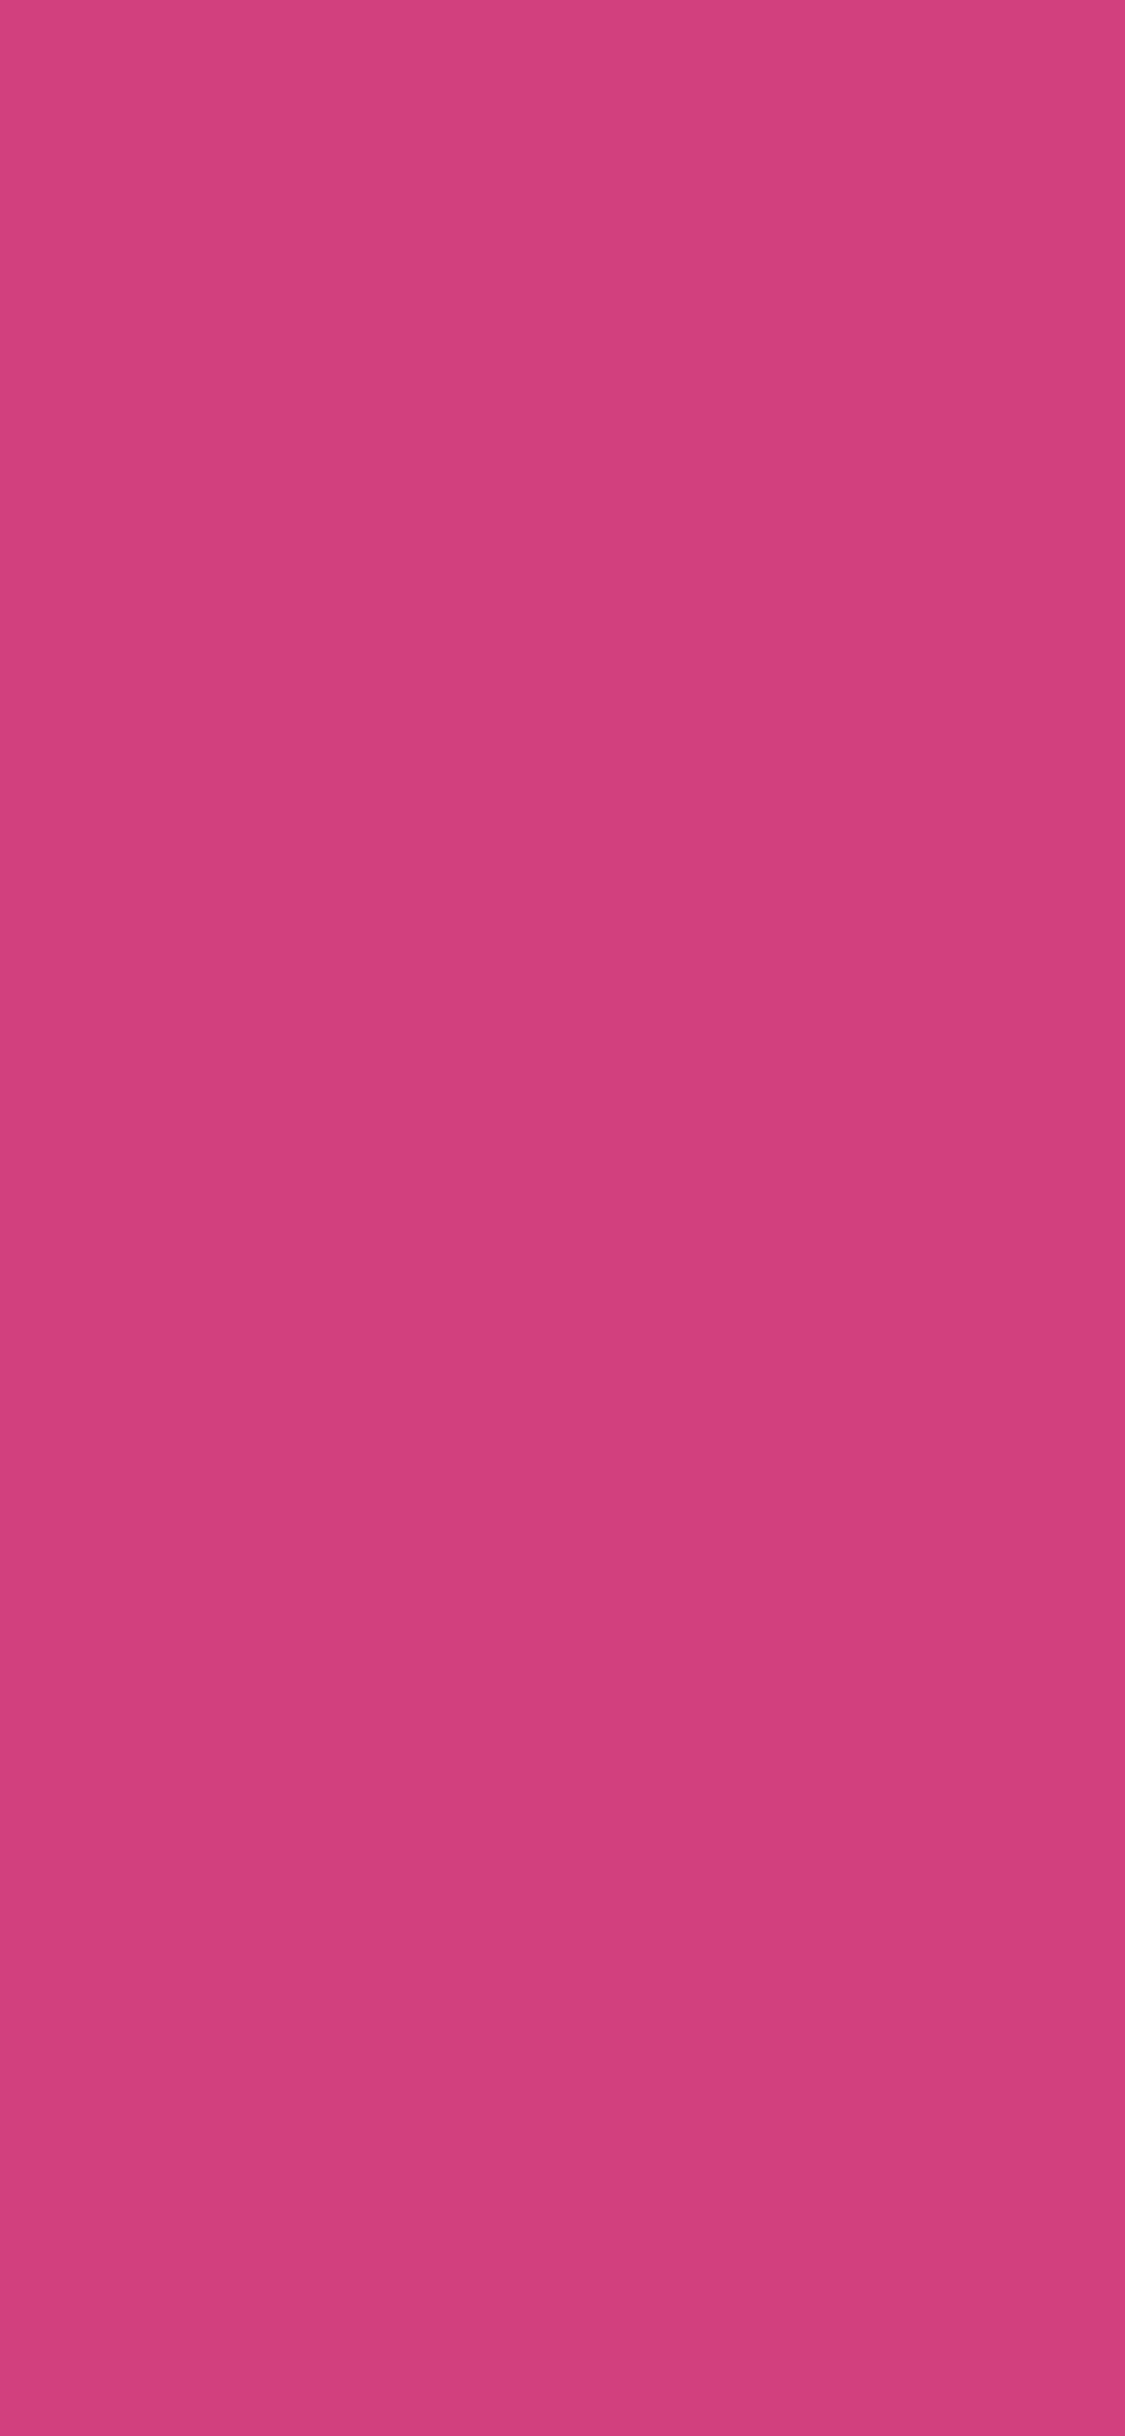 1125x2436 Magenta Pantone Solid Color Background